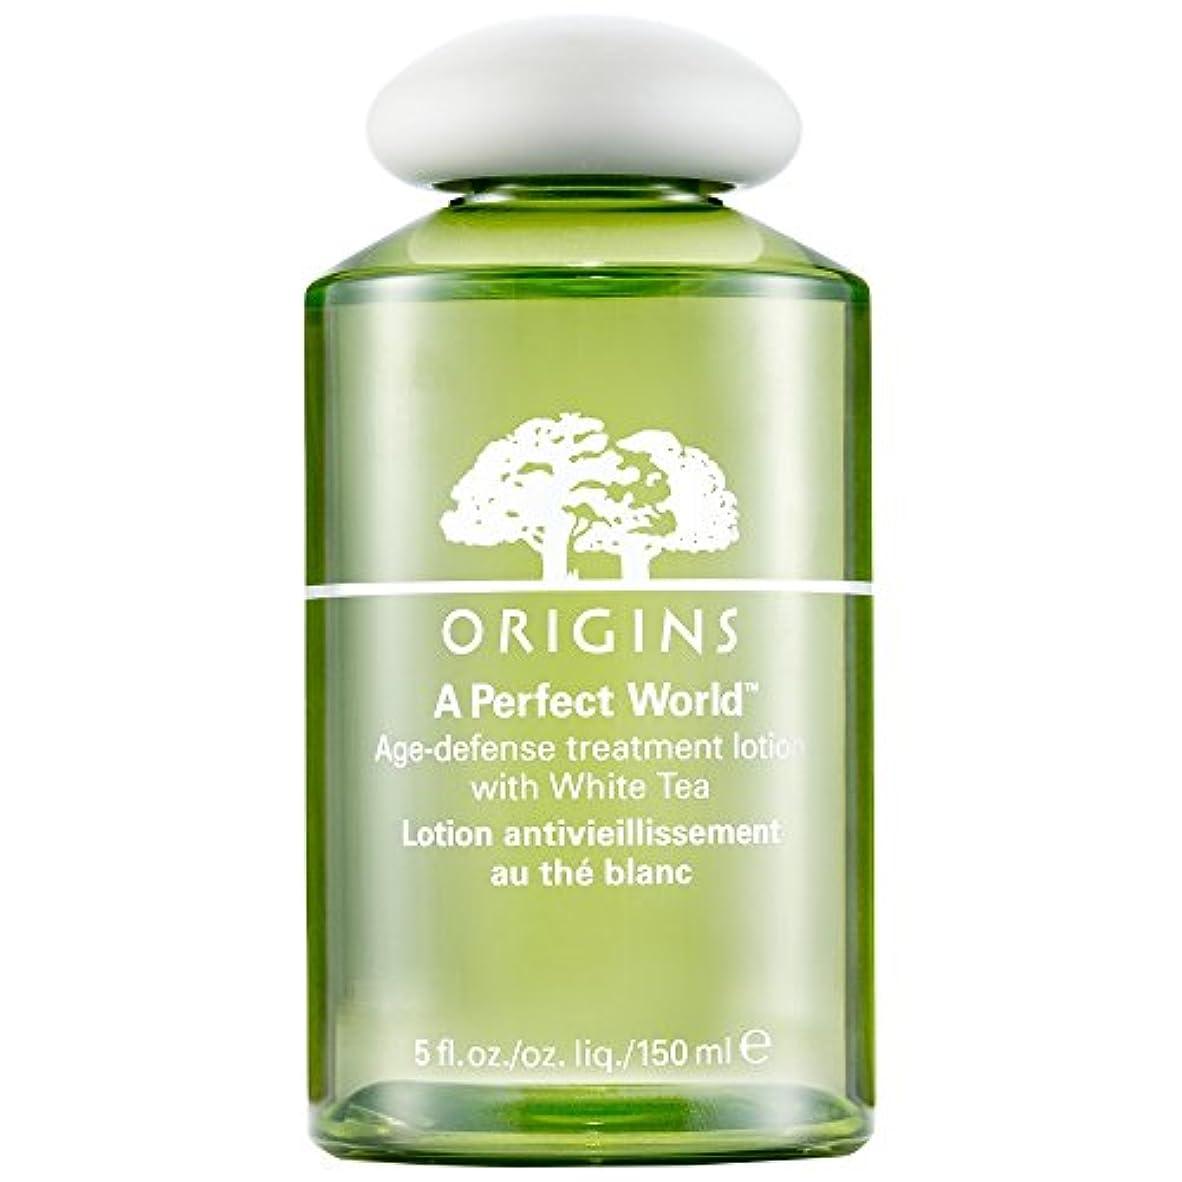 相続人規範嫌い起源ホワイトティー、150ミリリットルとの完璧な世界の年齢防衛トリートメントローション (Origins) (x6) - Origins A Perfect World Age Defense Treatment Lotion...